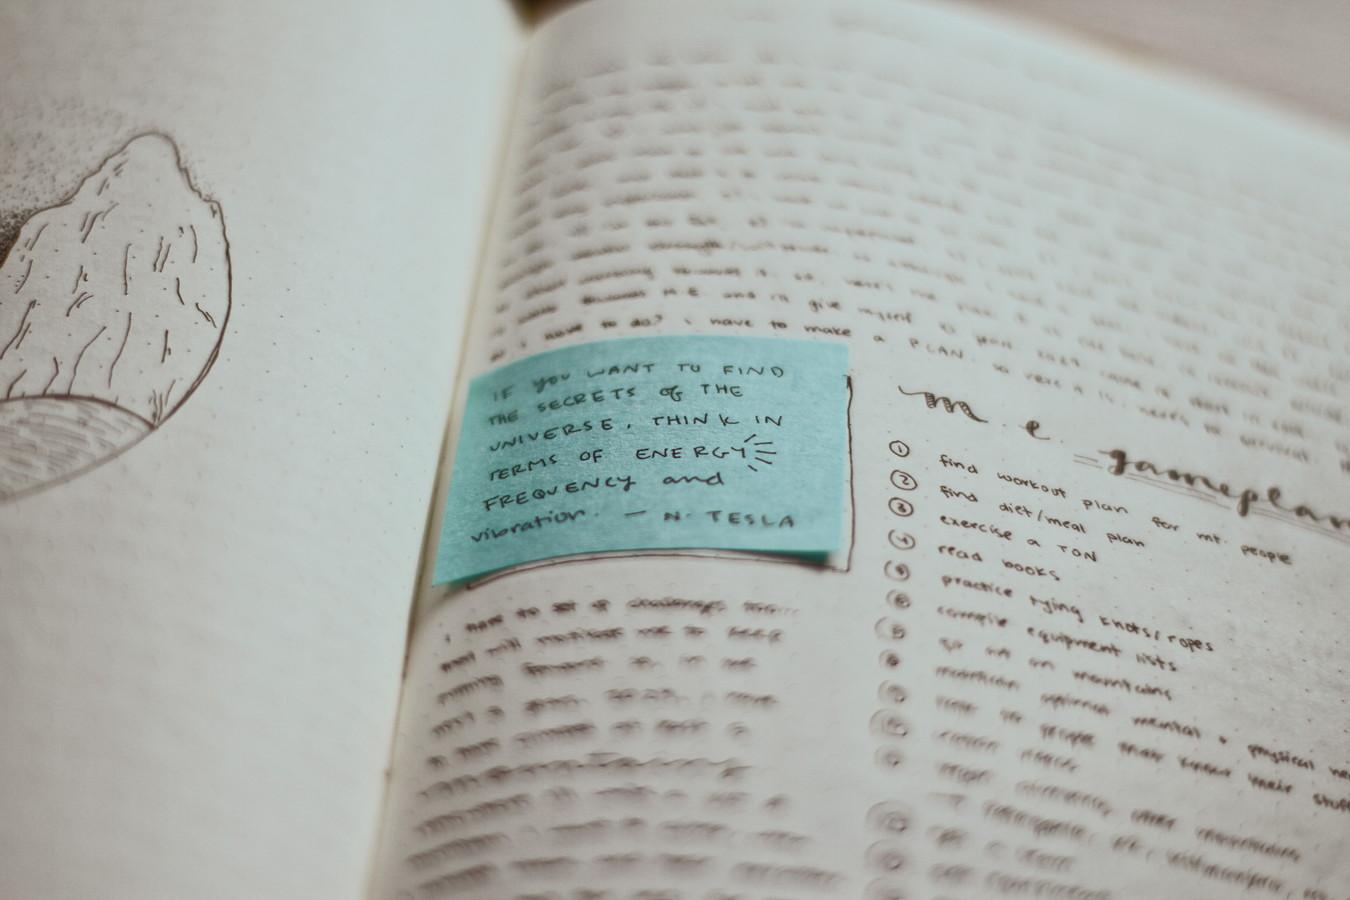 【書評】先を読む頭脳[羽生さんの頭脳を解明する]